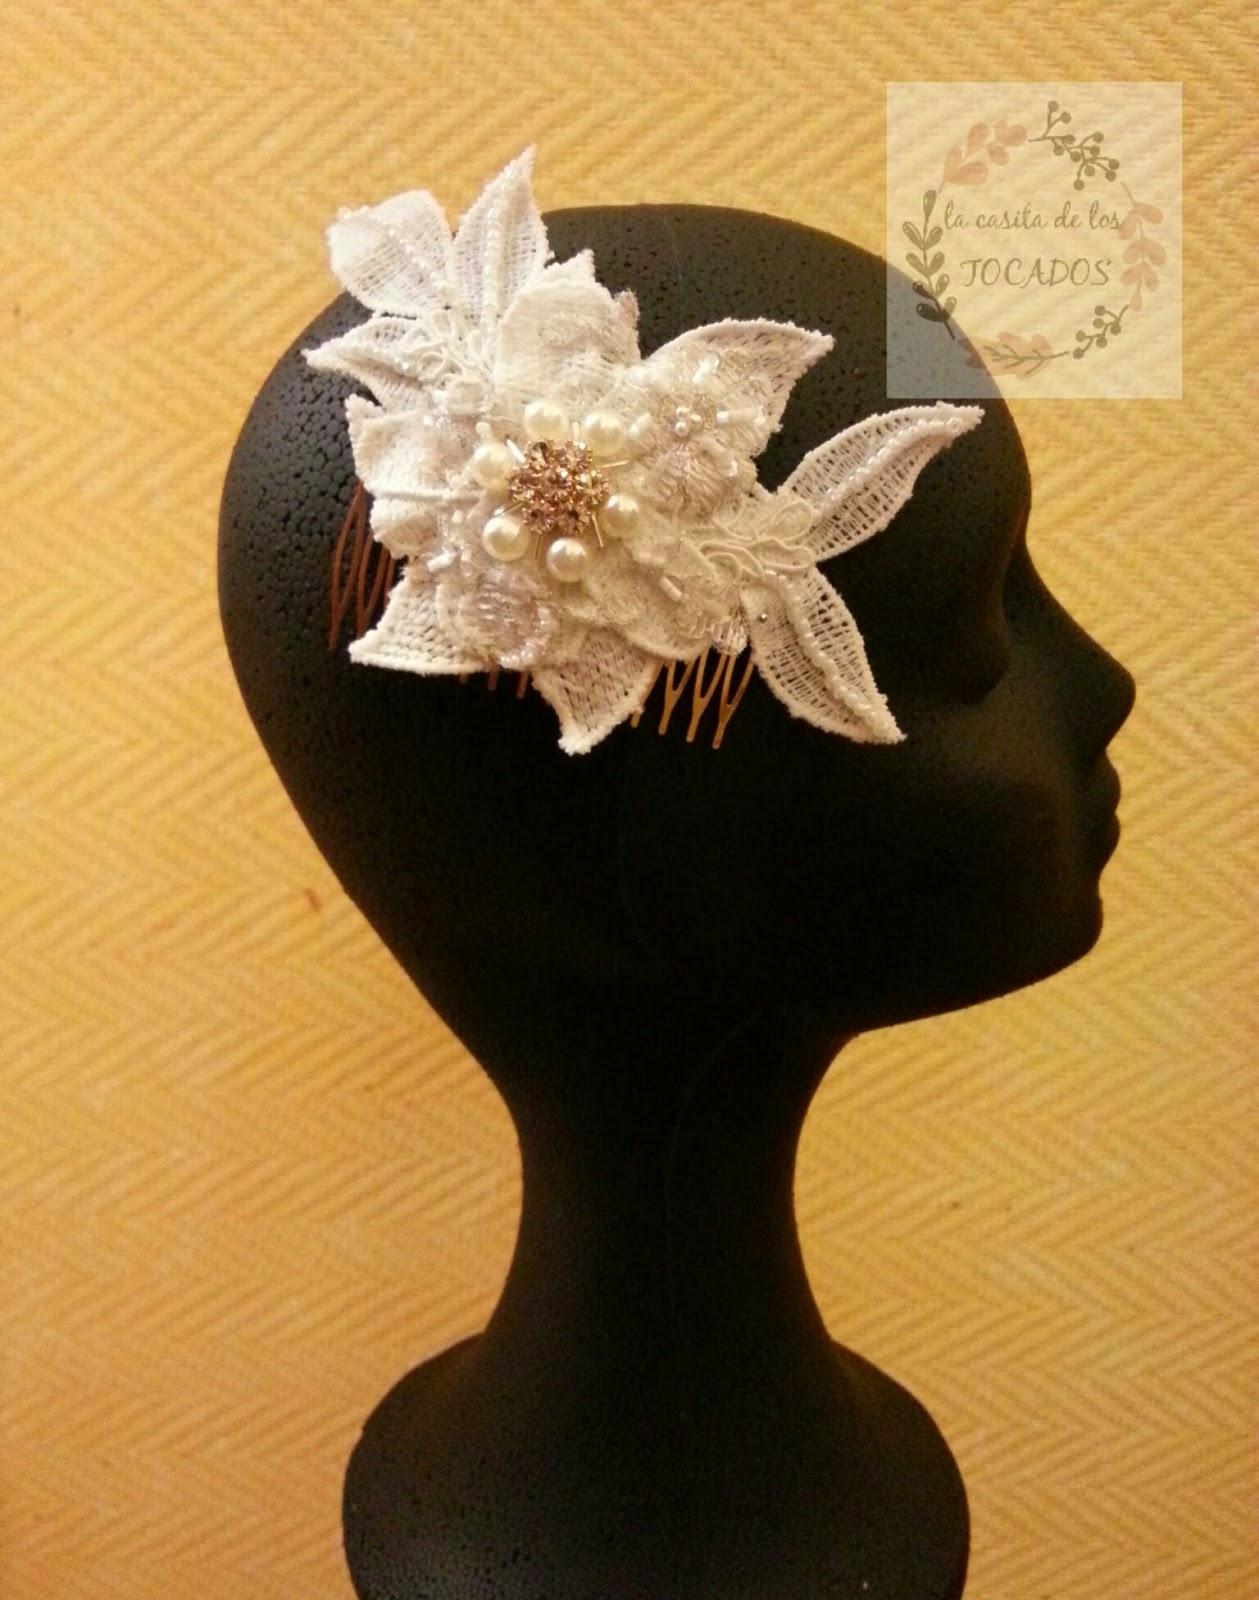 peineta vintage para novia realizada con guipur y encaje blanco bordado totalmente a mano